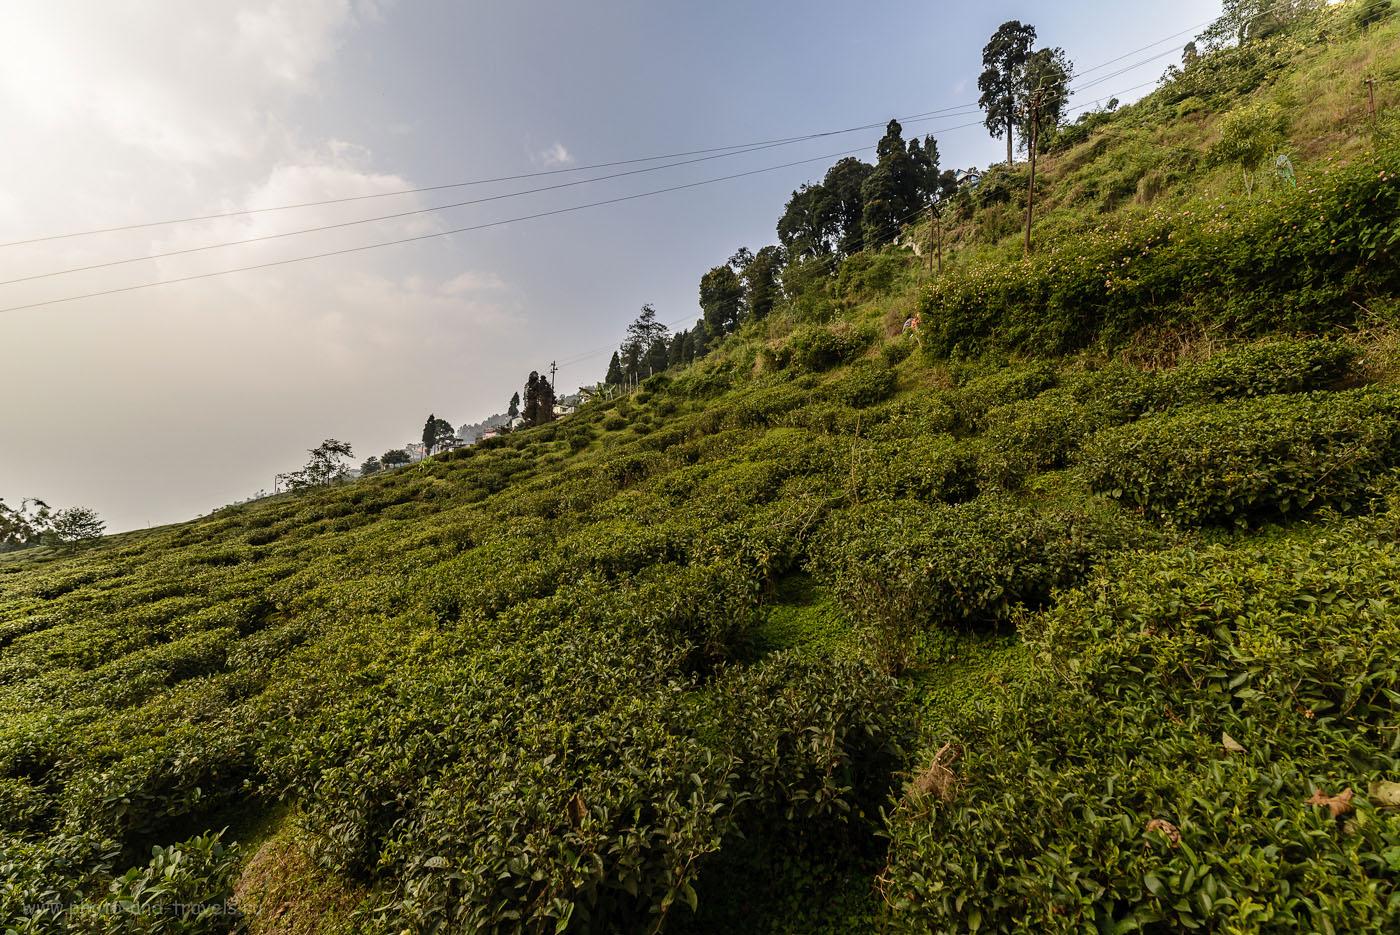 Фотография 2. Чайные плантации в Дарджилинге рядом с фабрикой Happy Valley Tea Estate. Интересные экскурсии в Индии. 1/125, -2EV, 8.0, 100, 14.